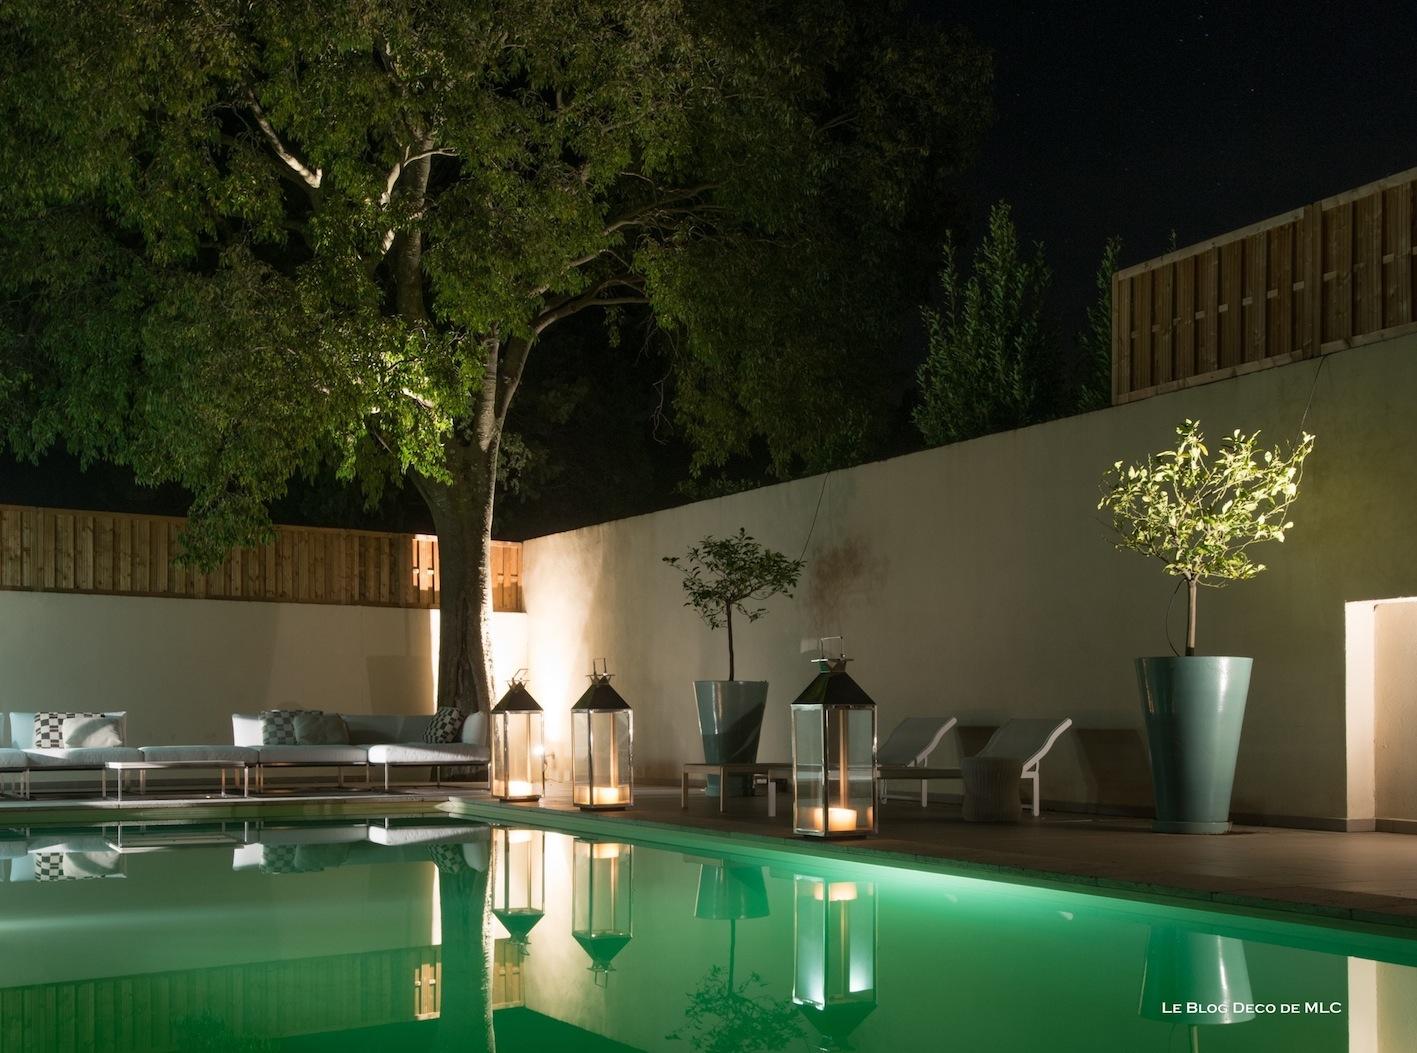 Eclairer la terrasse le soir avec des luminaires d co le for Luminaire exterieur facade design